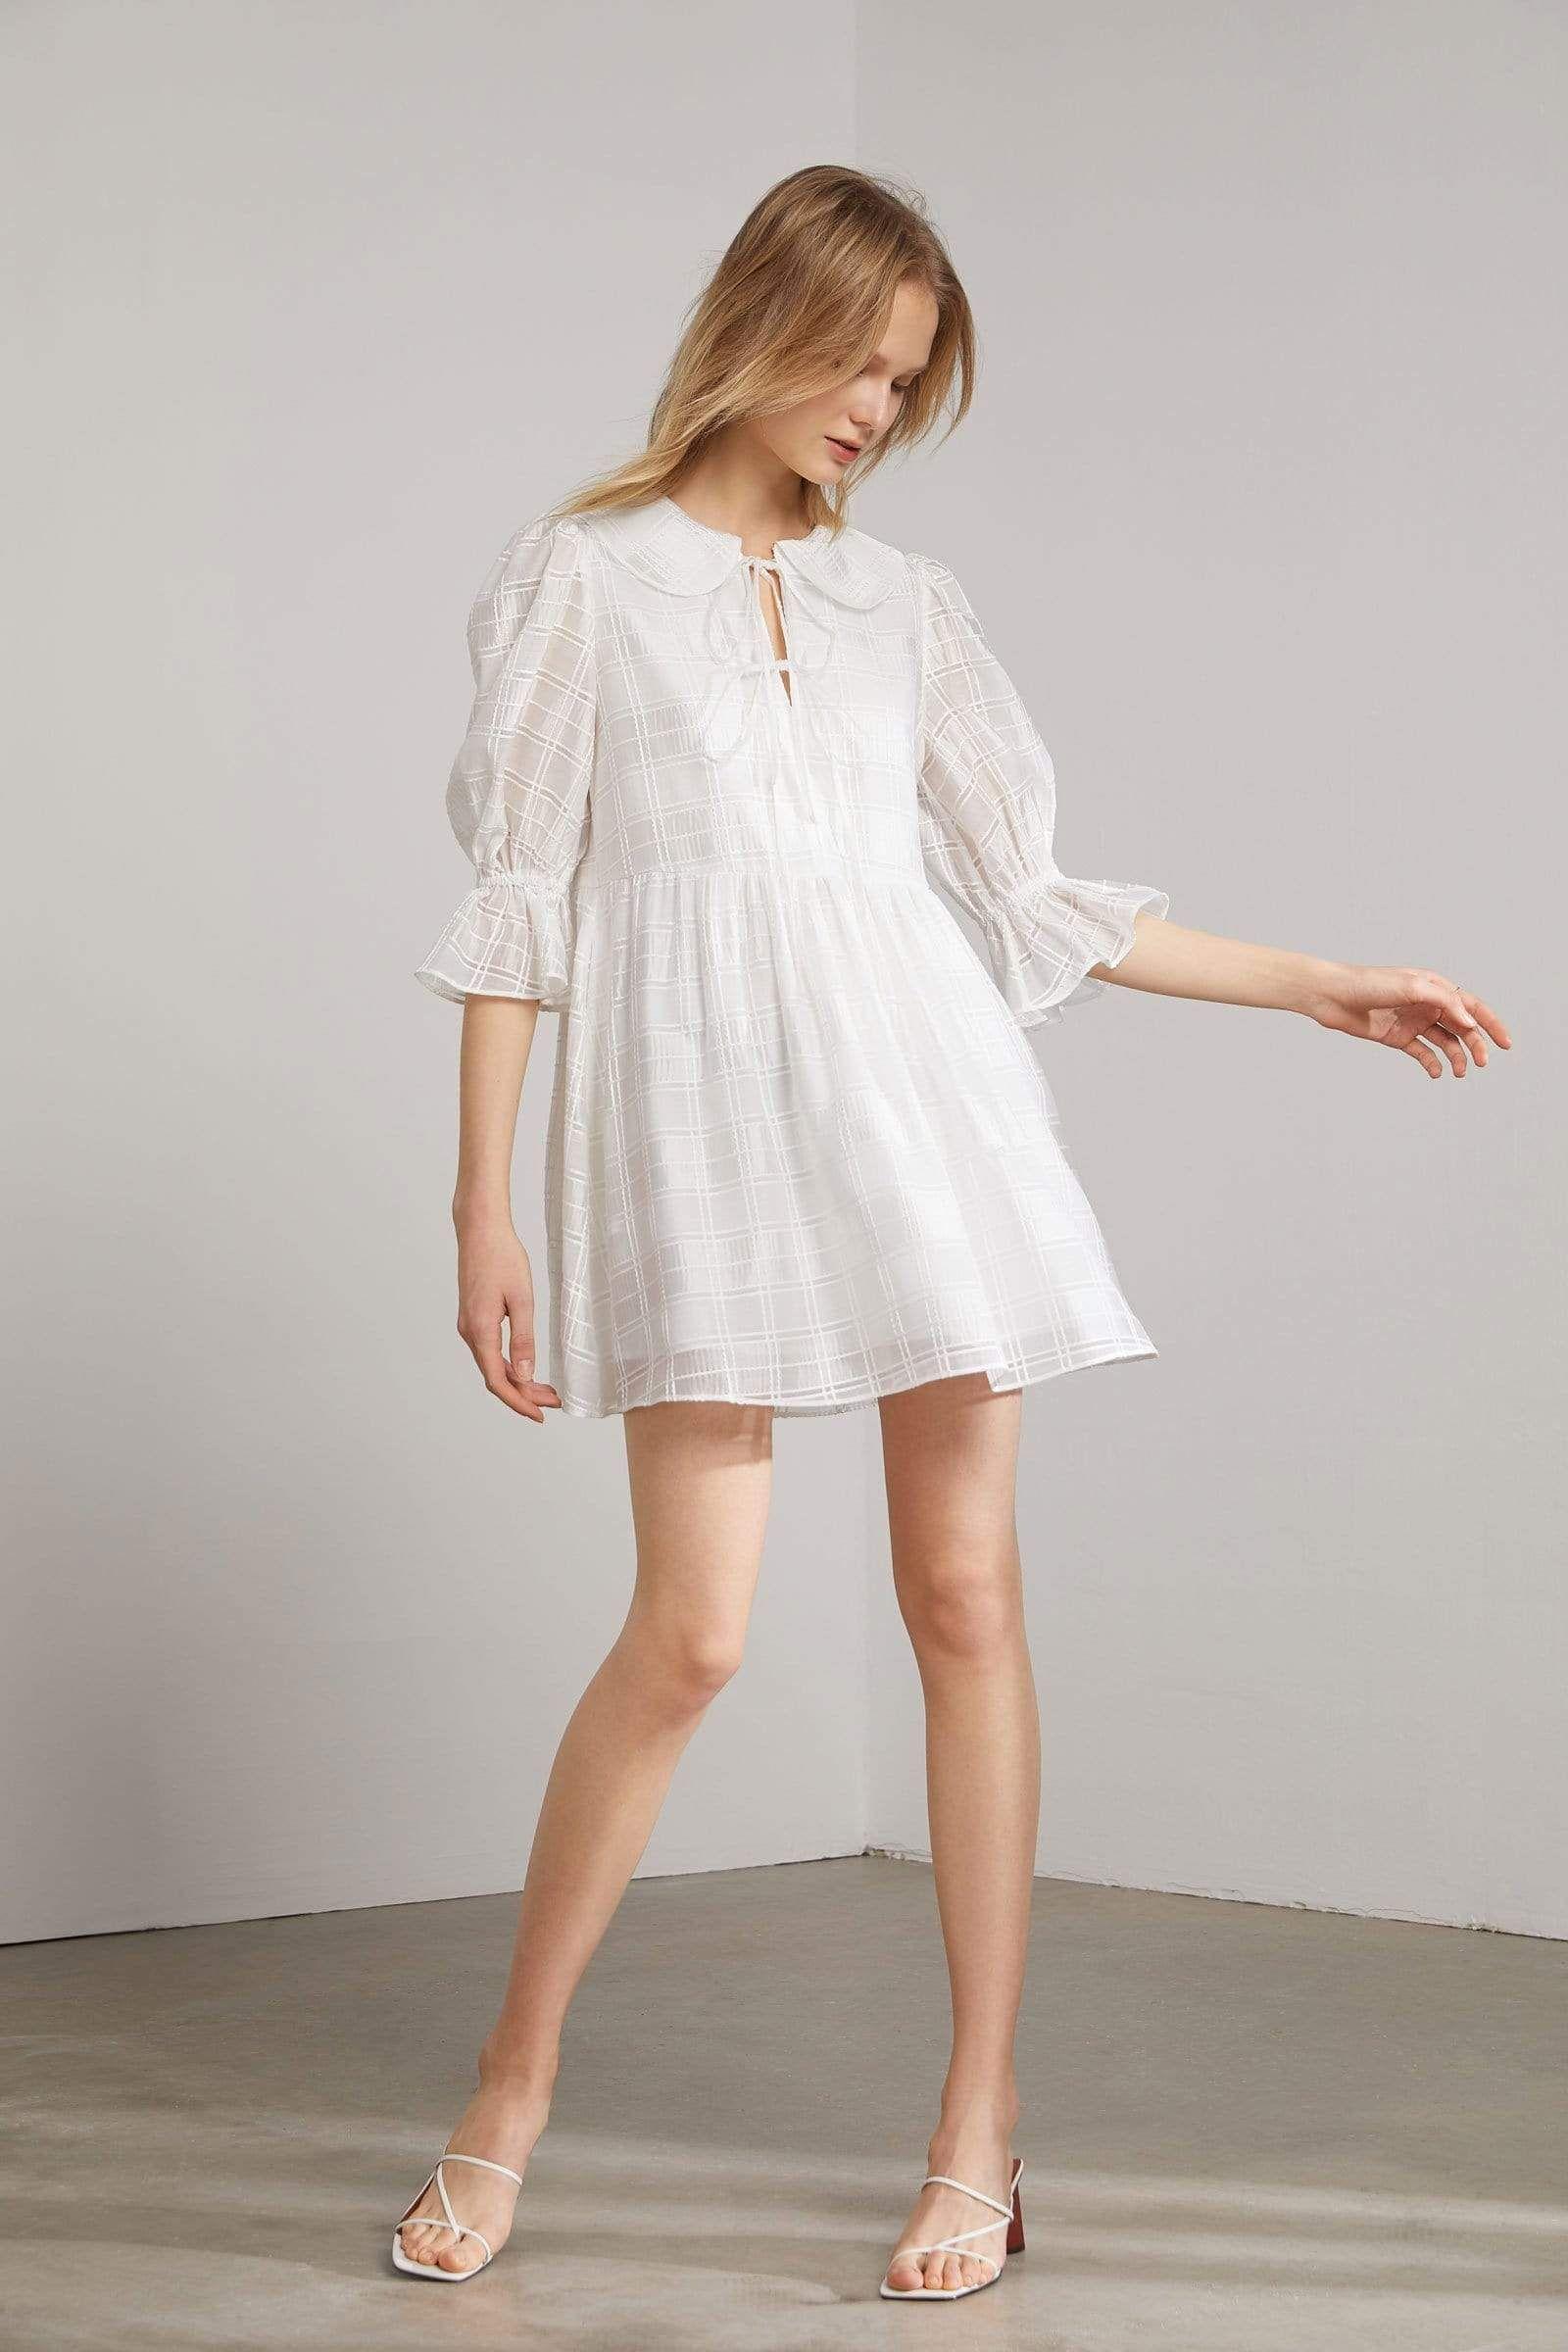 Dahlia sheer white shift dress in 2020 white shift